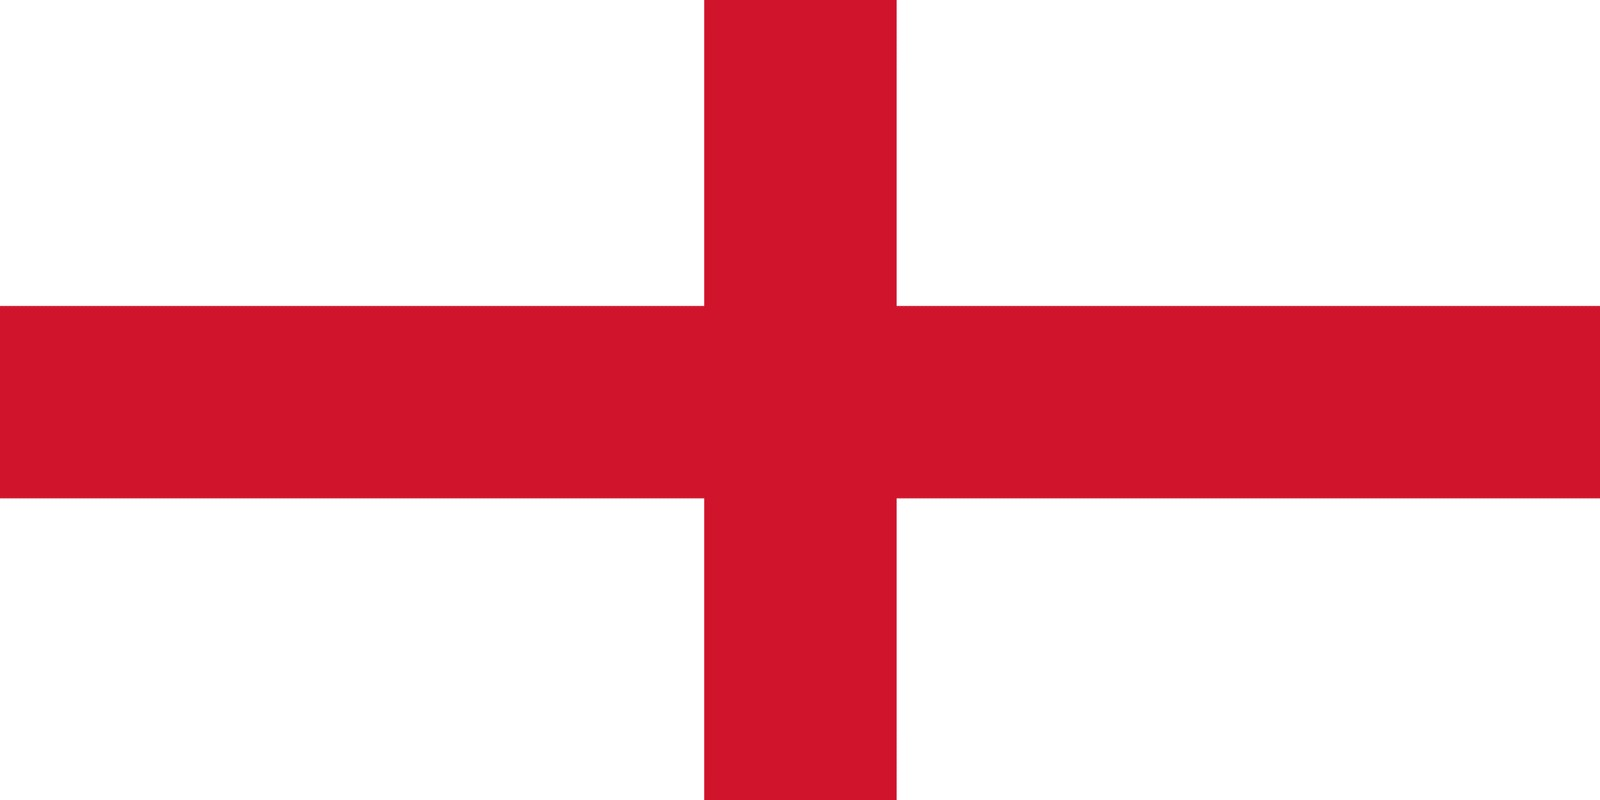 Inghilterra bandiera